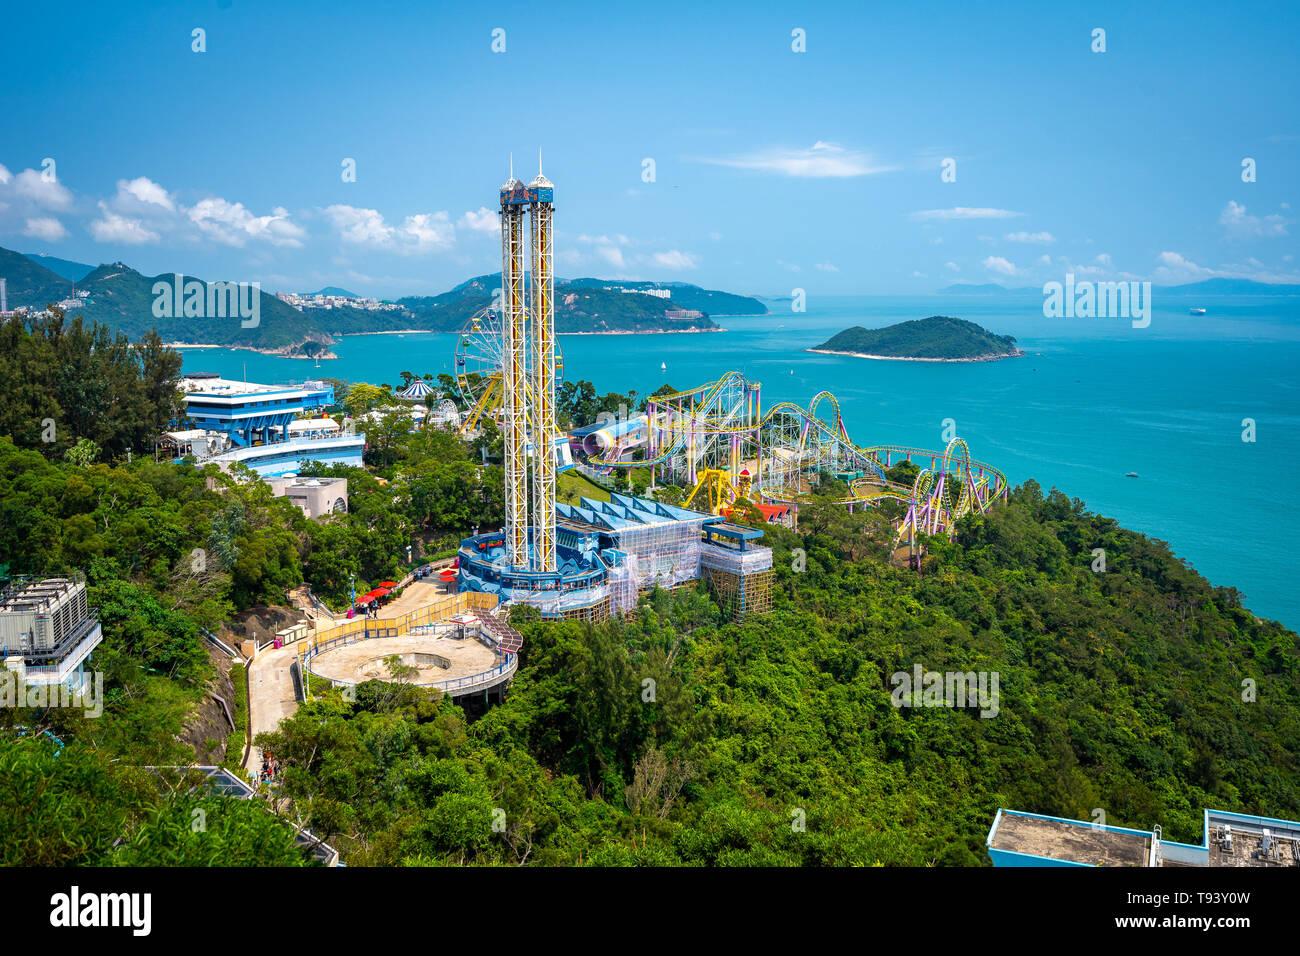 Hong Kong, China - Ocean Park - Hong Kong's amusement park - Stock Image